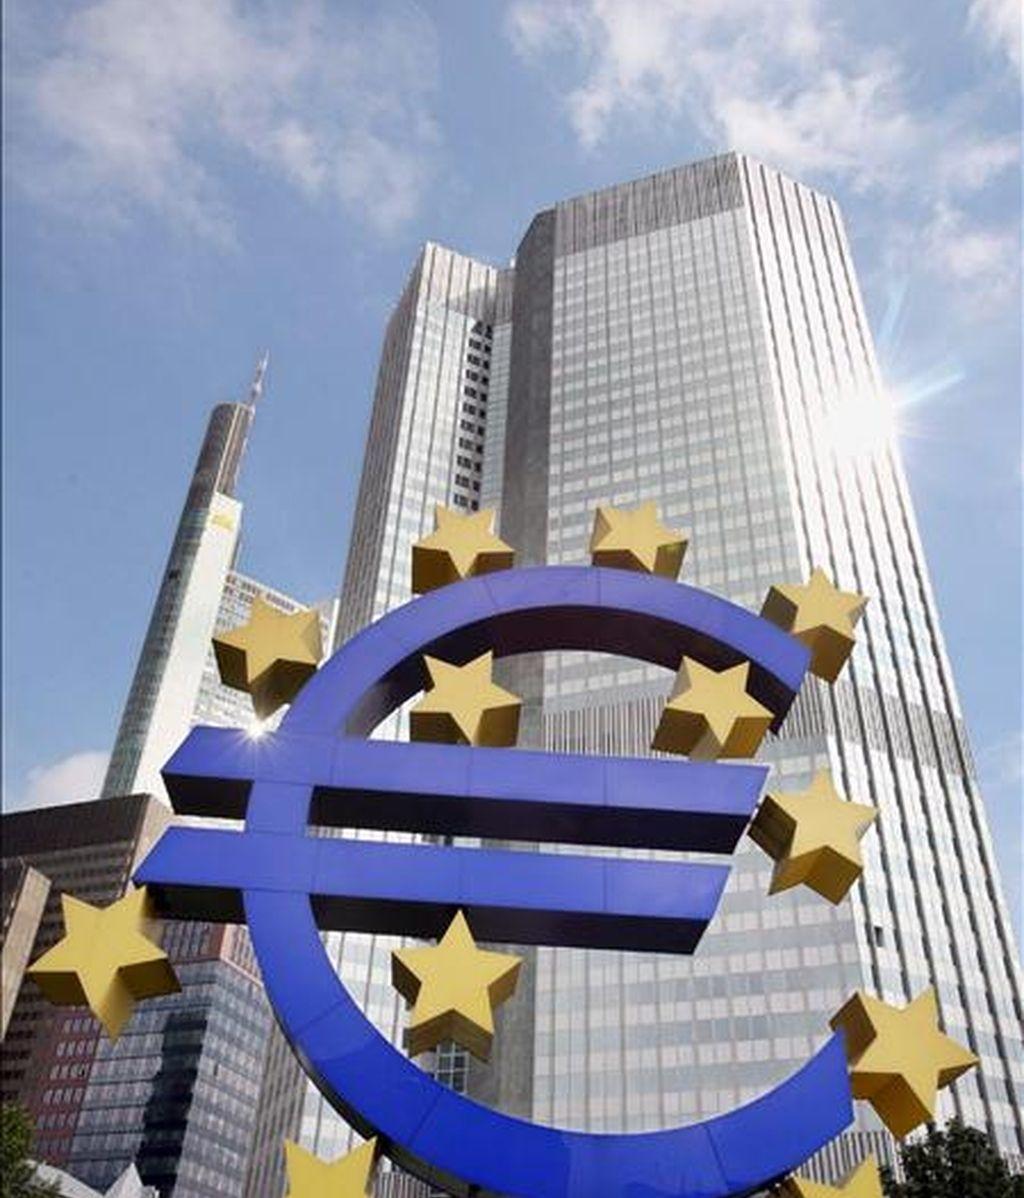 La fachada de la sede del Banco Central Europeo (BCE) en Fráncfort, Alemania. EFE/Archivo